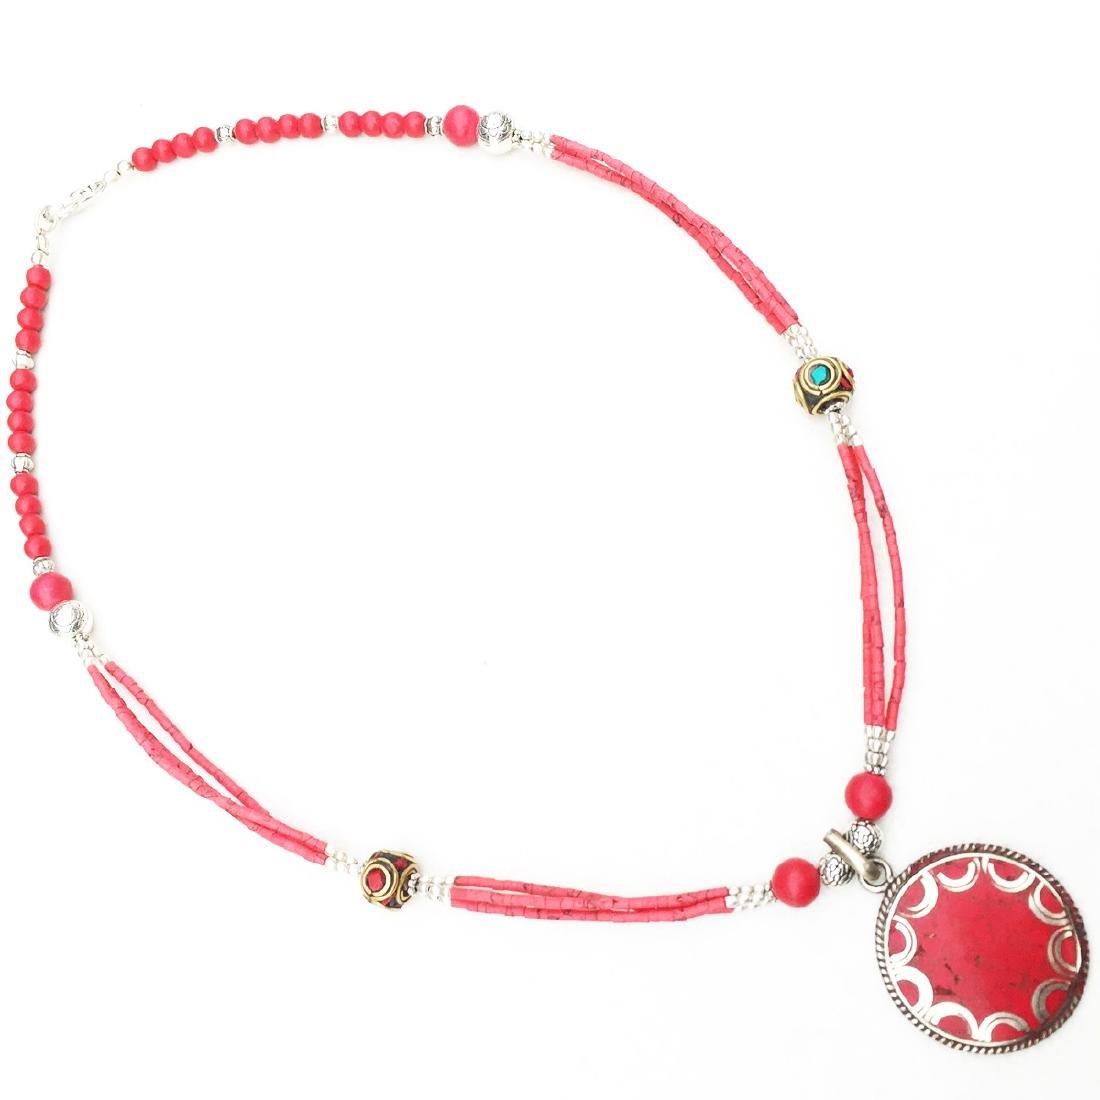 Tibetan Coral Unique Handmade Necklace - 2